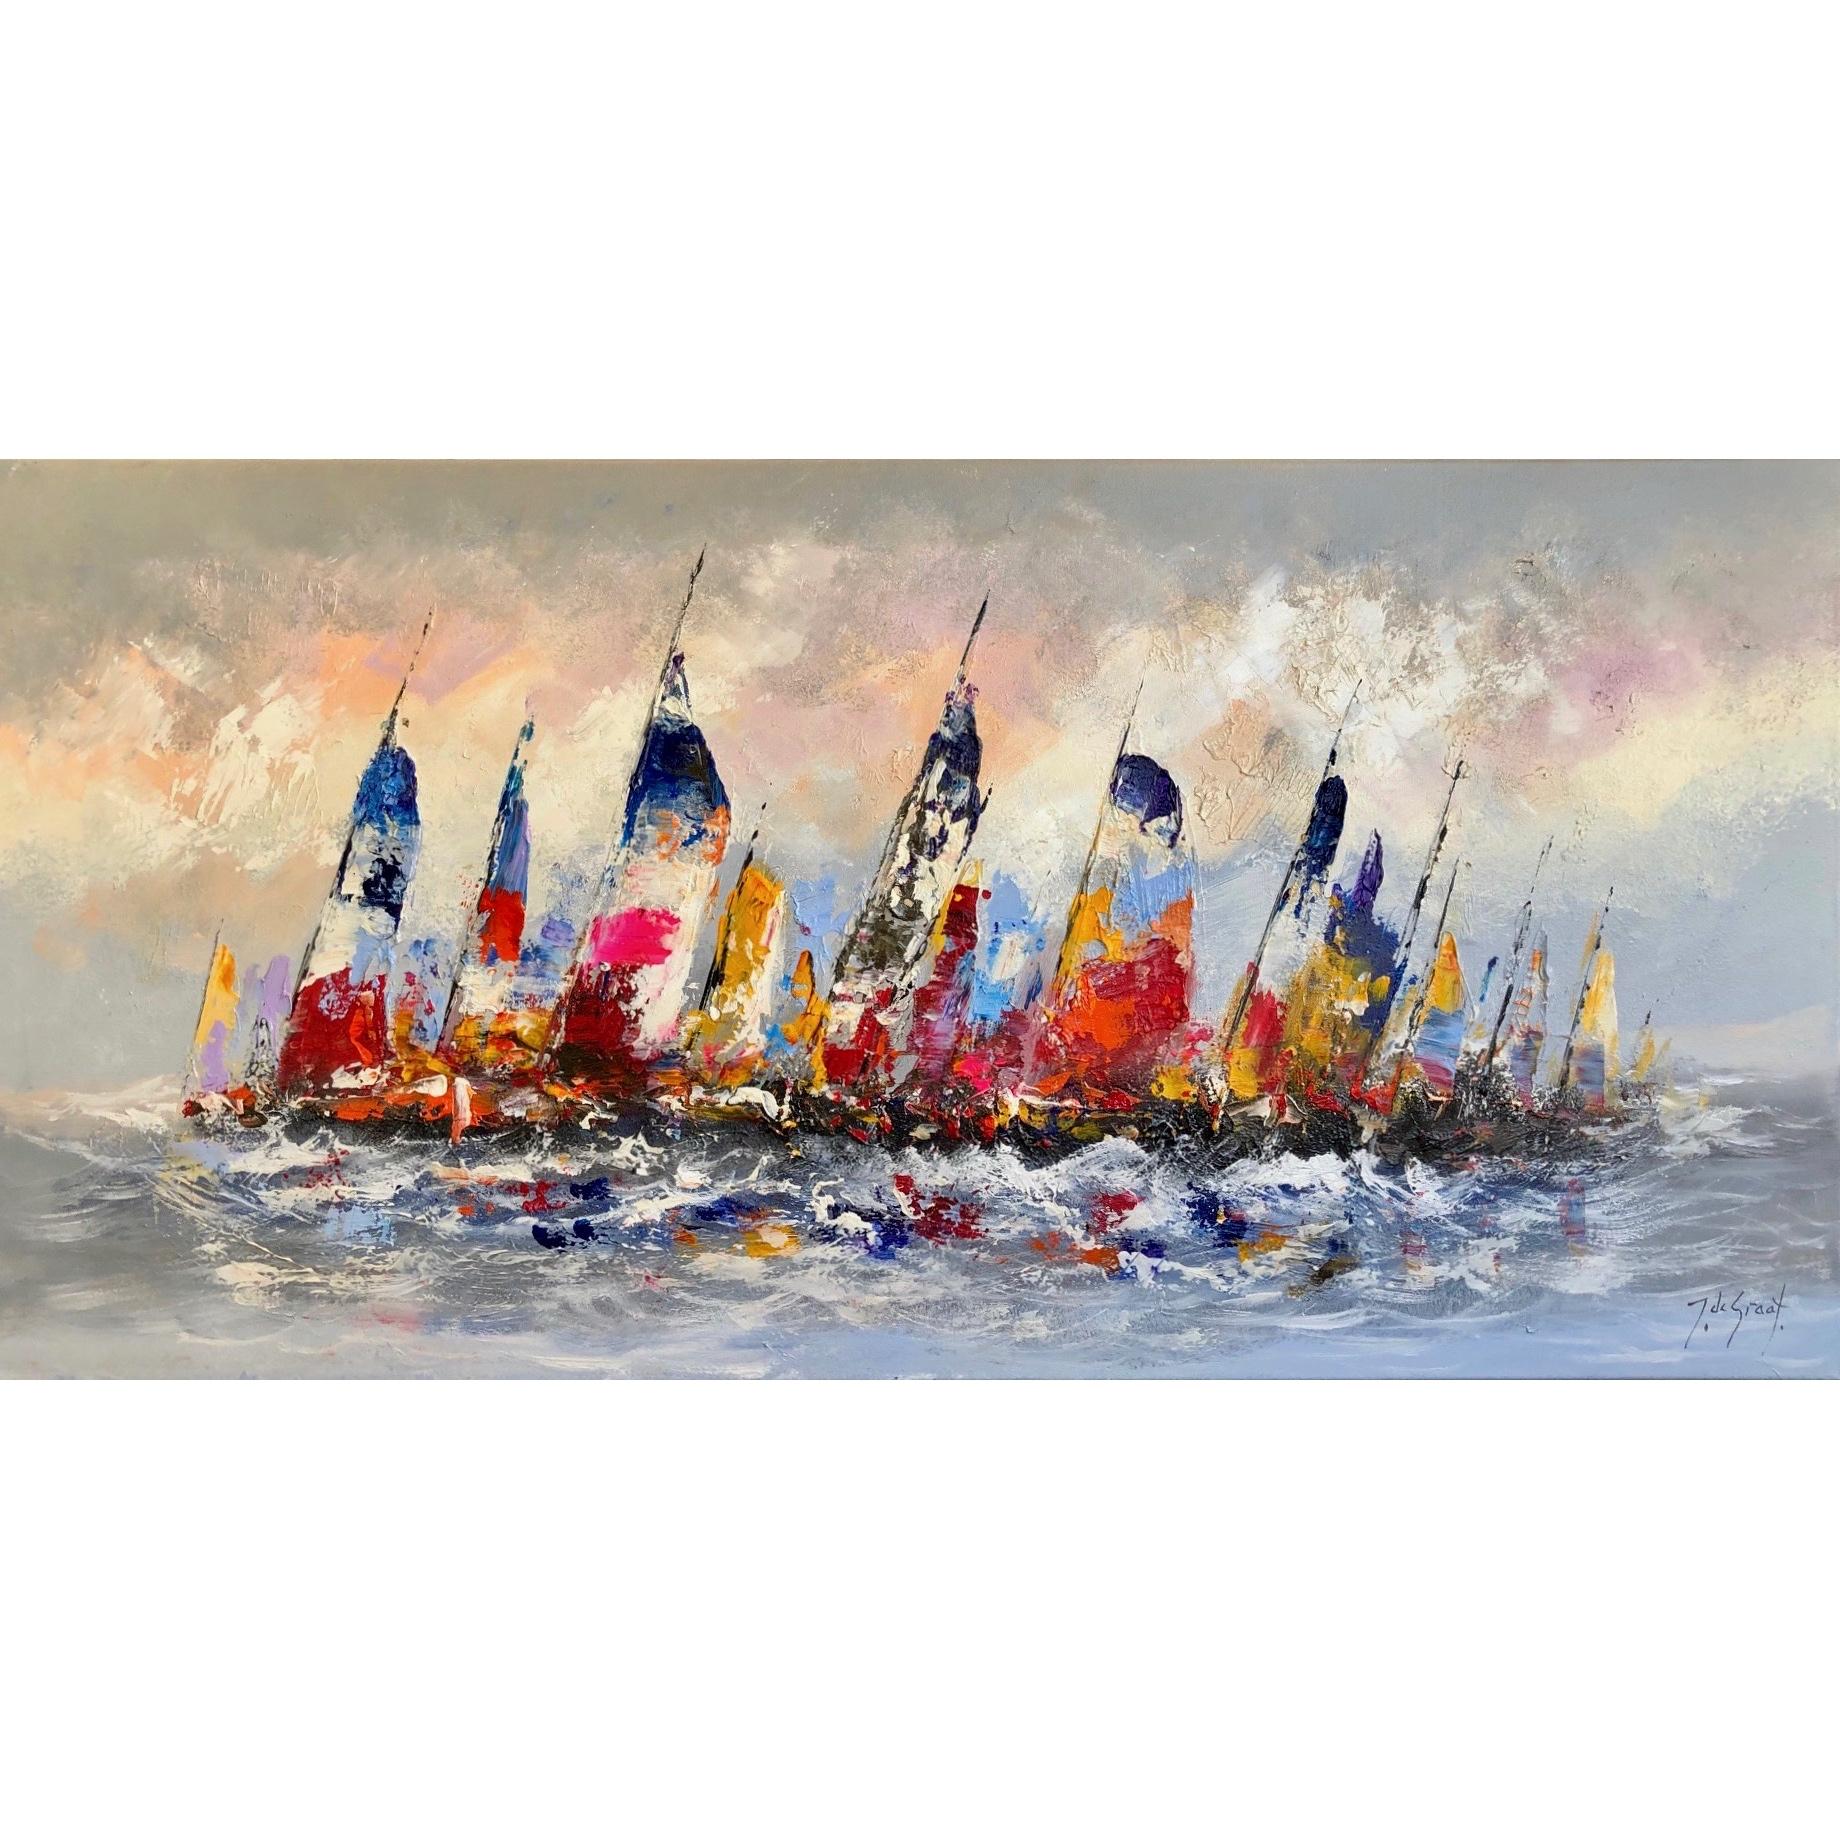 Jochem de Graaf schilderij 'Zeil Regatta'